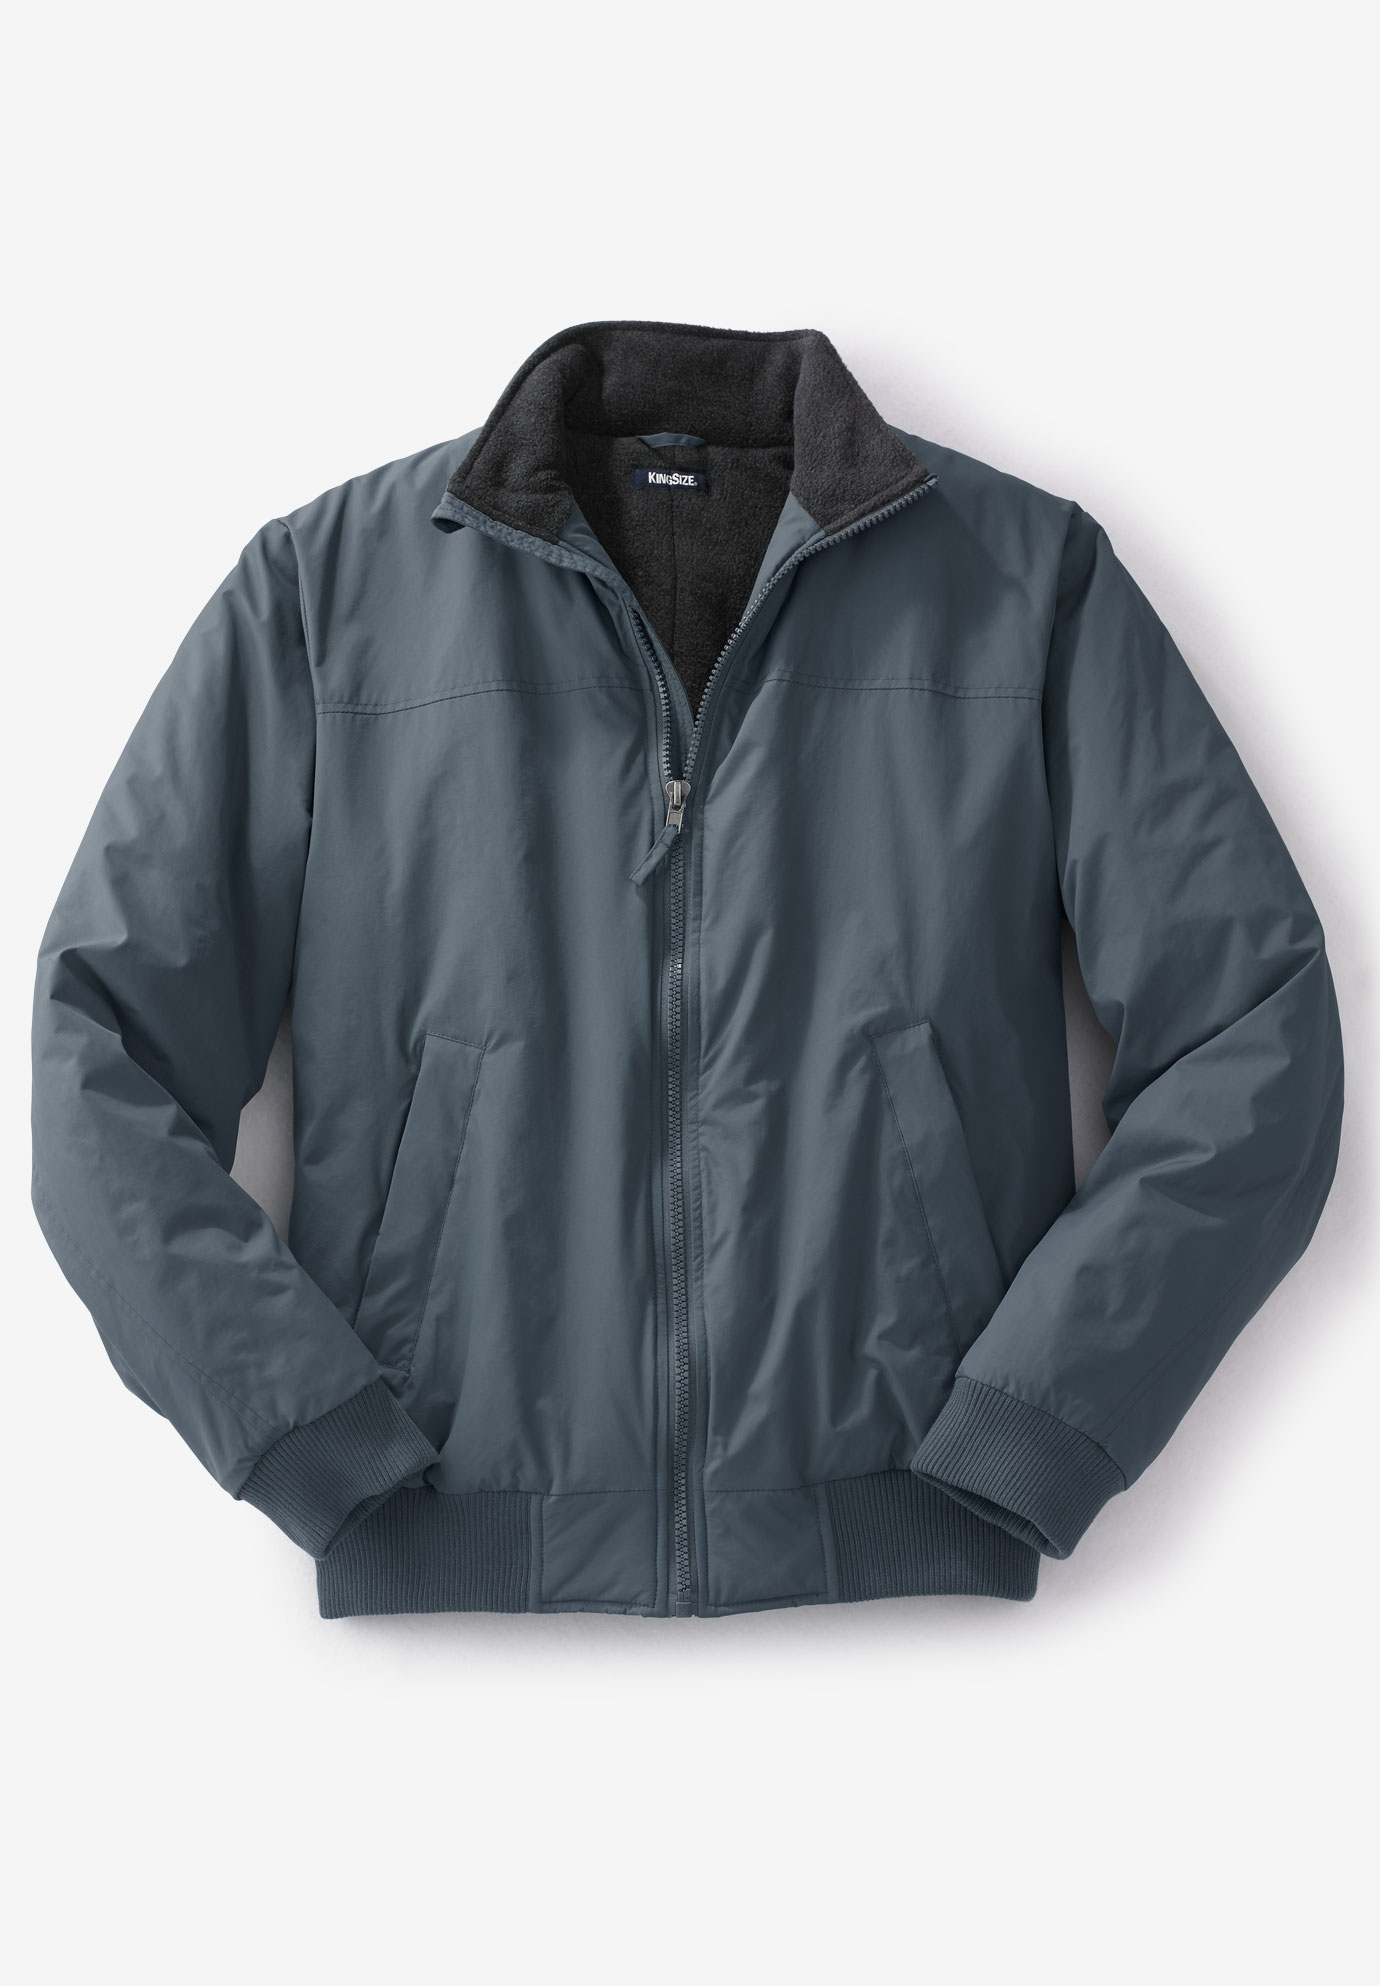 5f6bdd24b Fleece-Lined Bomber Jacket